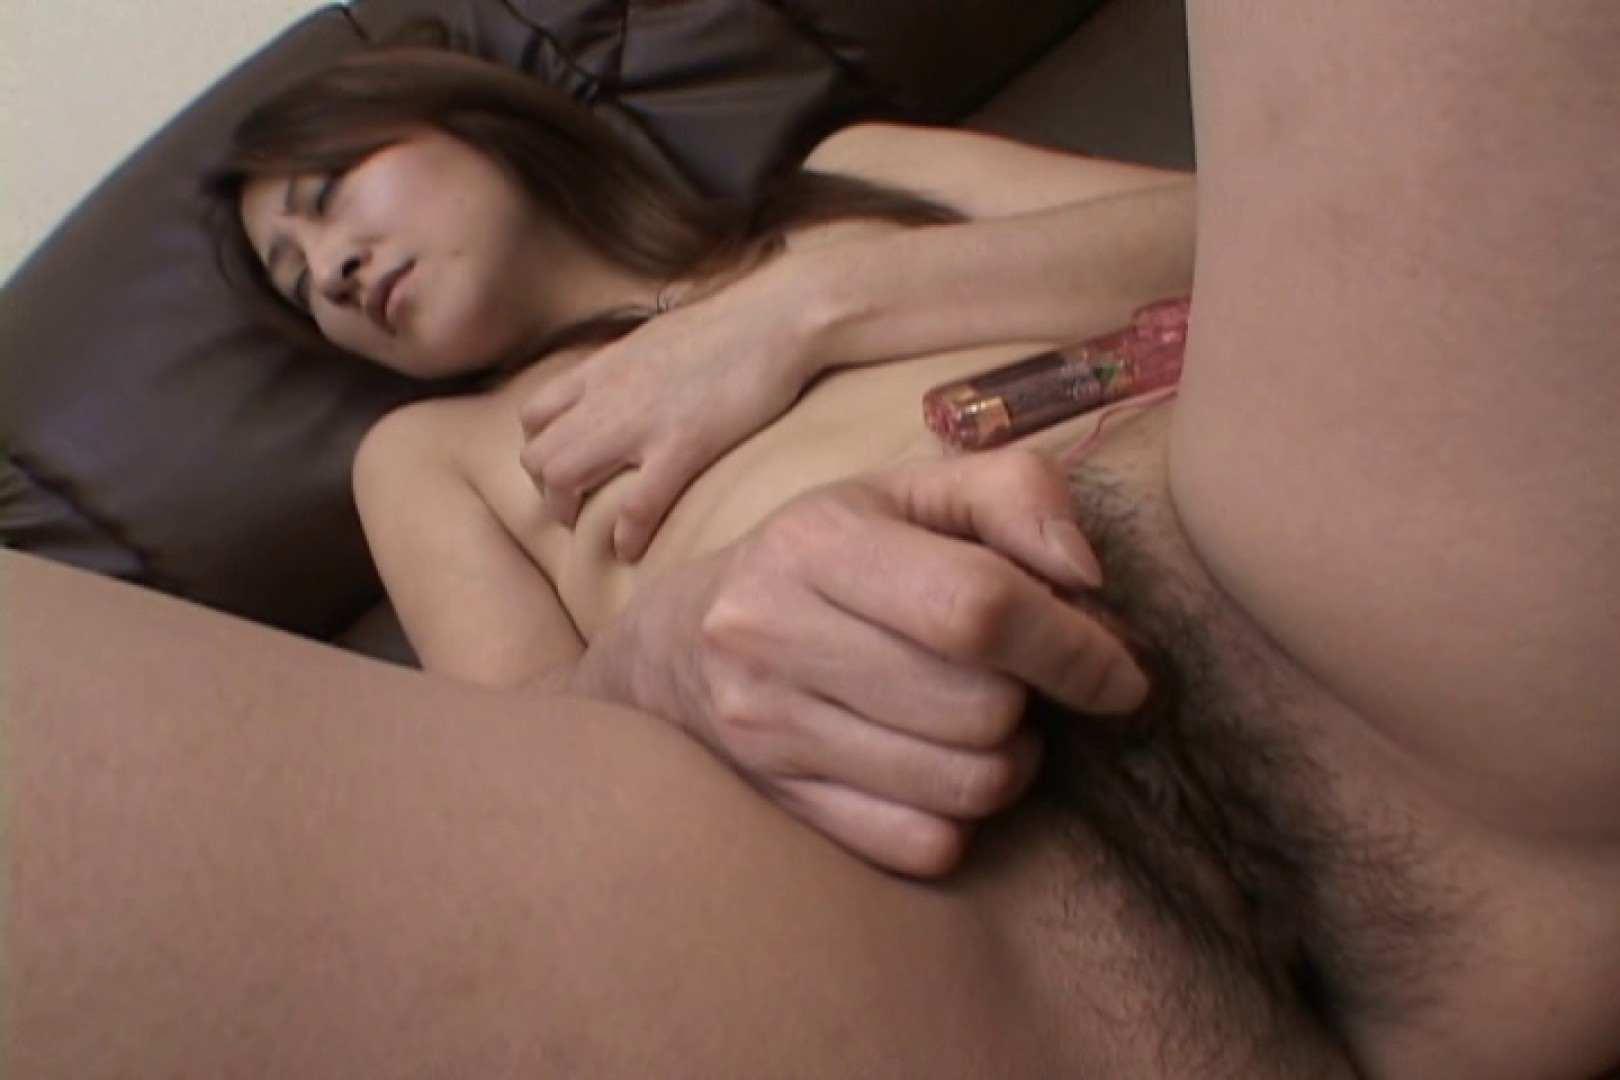 オナニー好きの綺麗なお姉さんと楽しくSEX~姫野あかね~ オナニー おめこ無修正画像 105連発 99